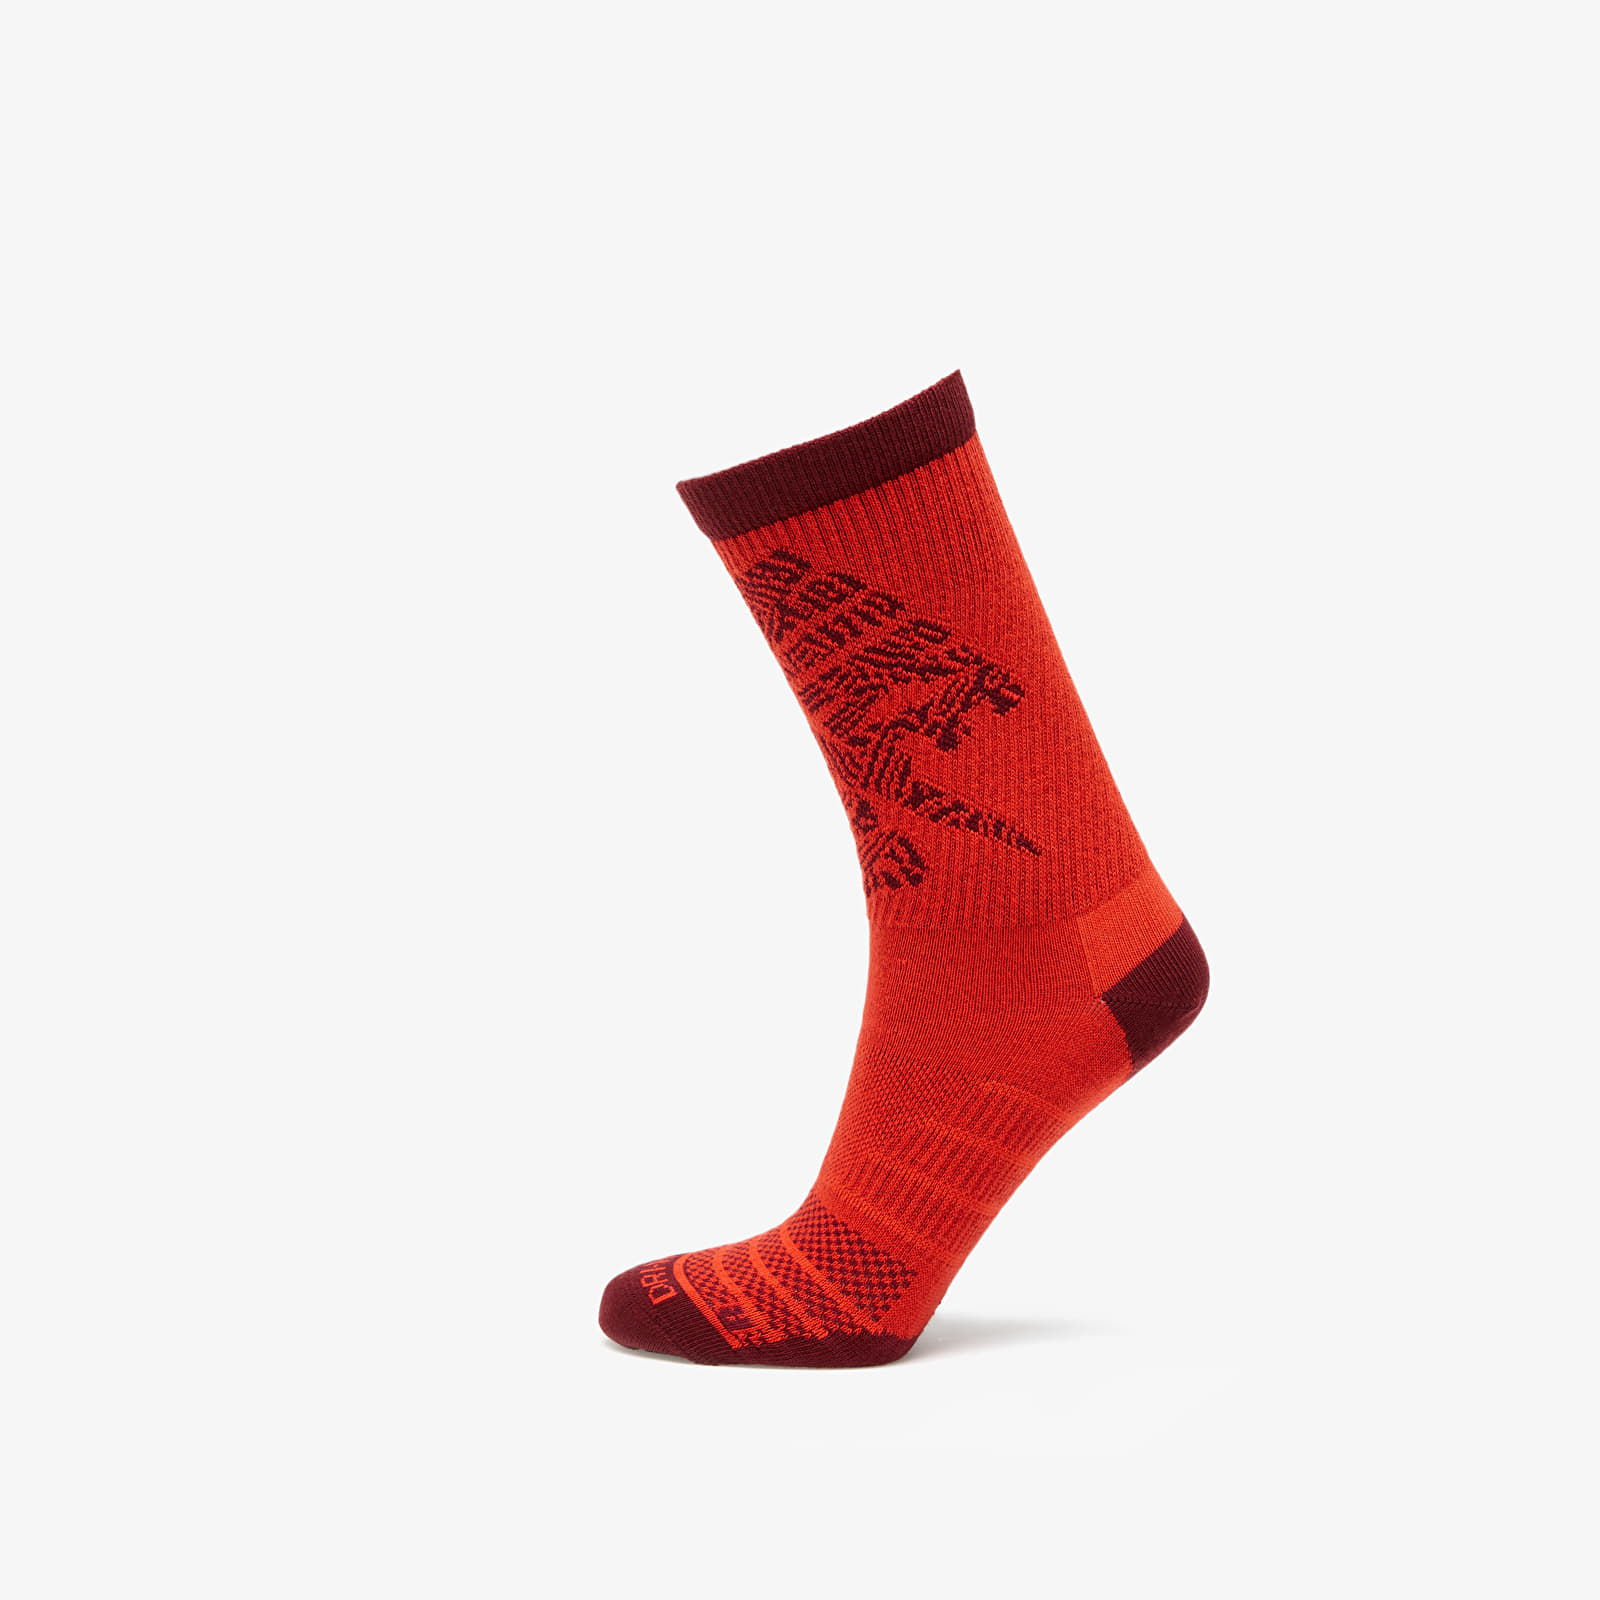 Socks Nike SB Everyday Max Lightweight Skate Crew Socks (3 Pairs) Multi-Color